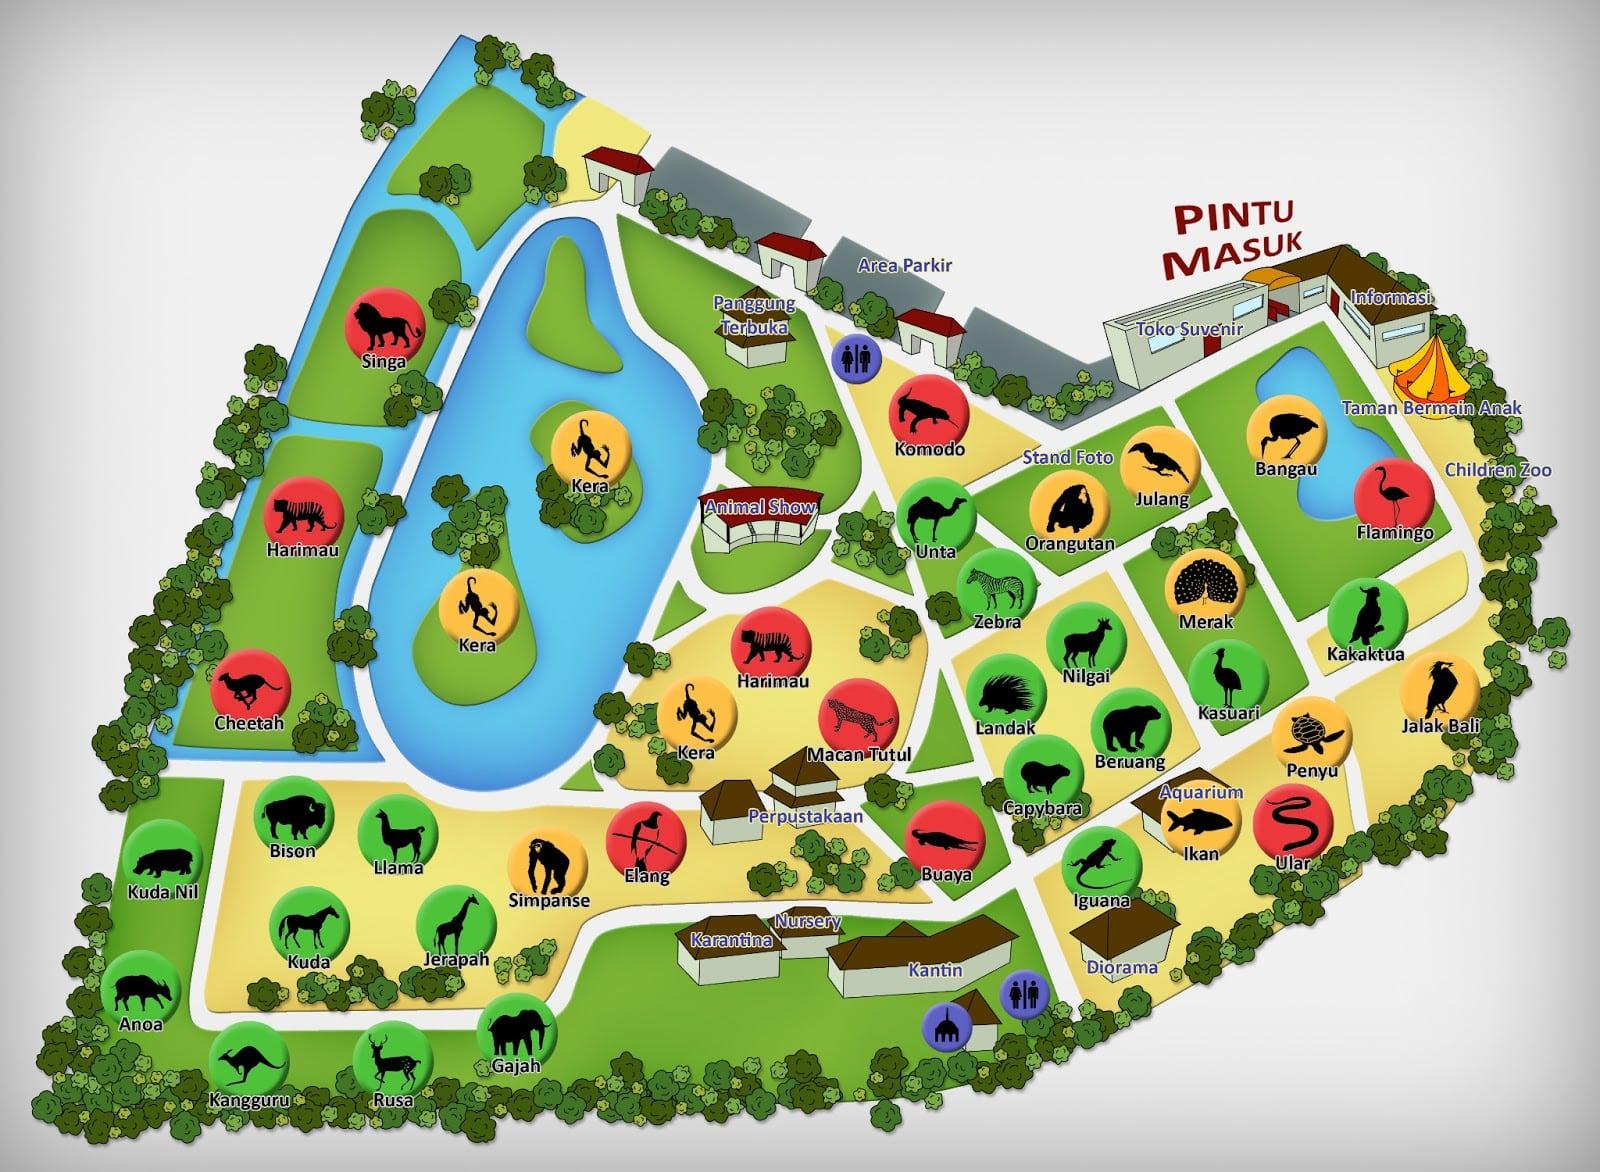 Wisata Rekreasi Edukasi Murah Meriah di Kebun Binatang Ragunan 2